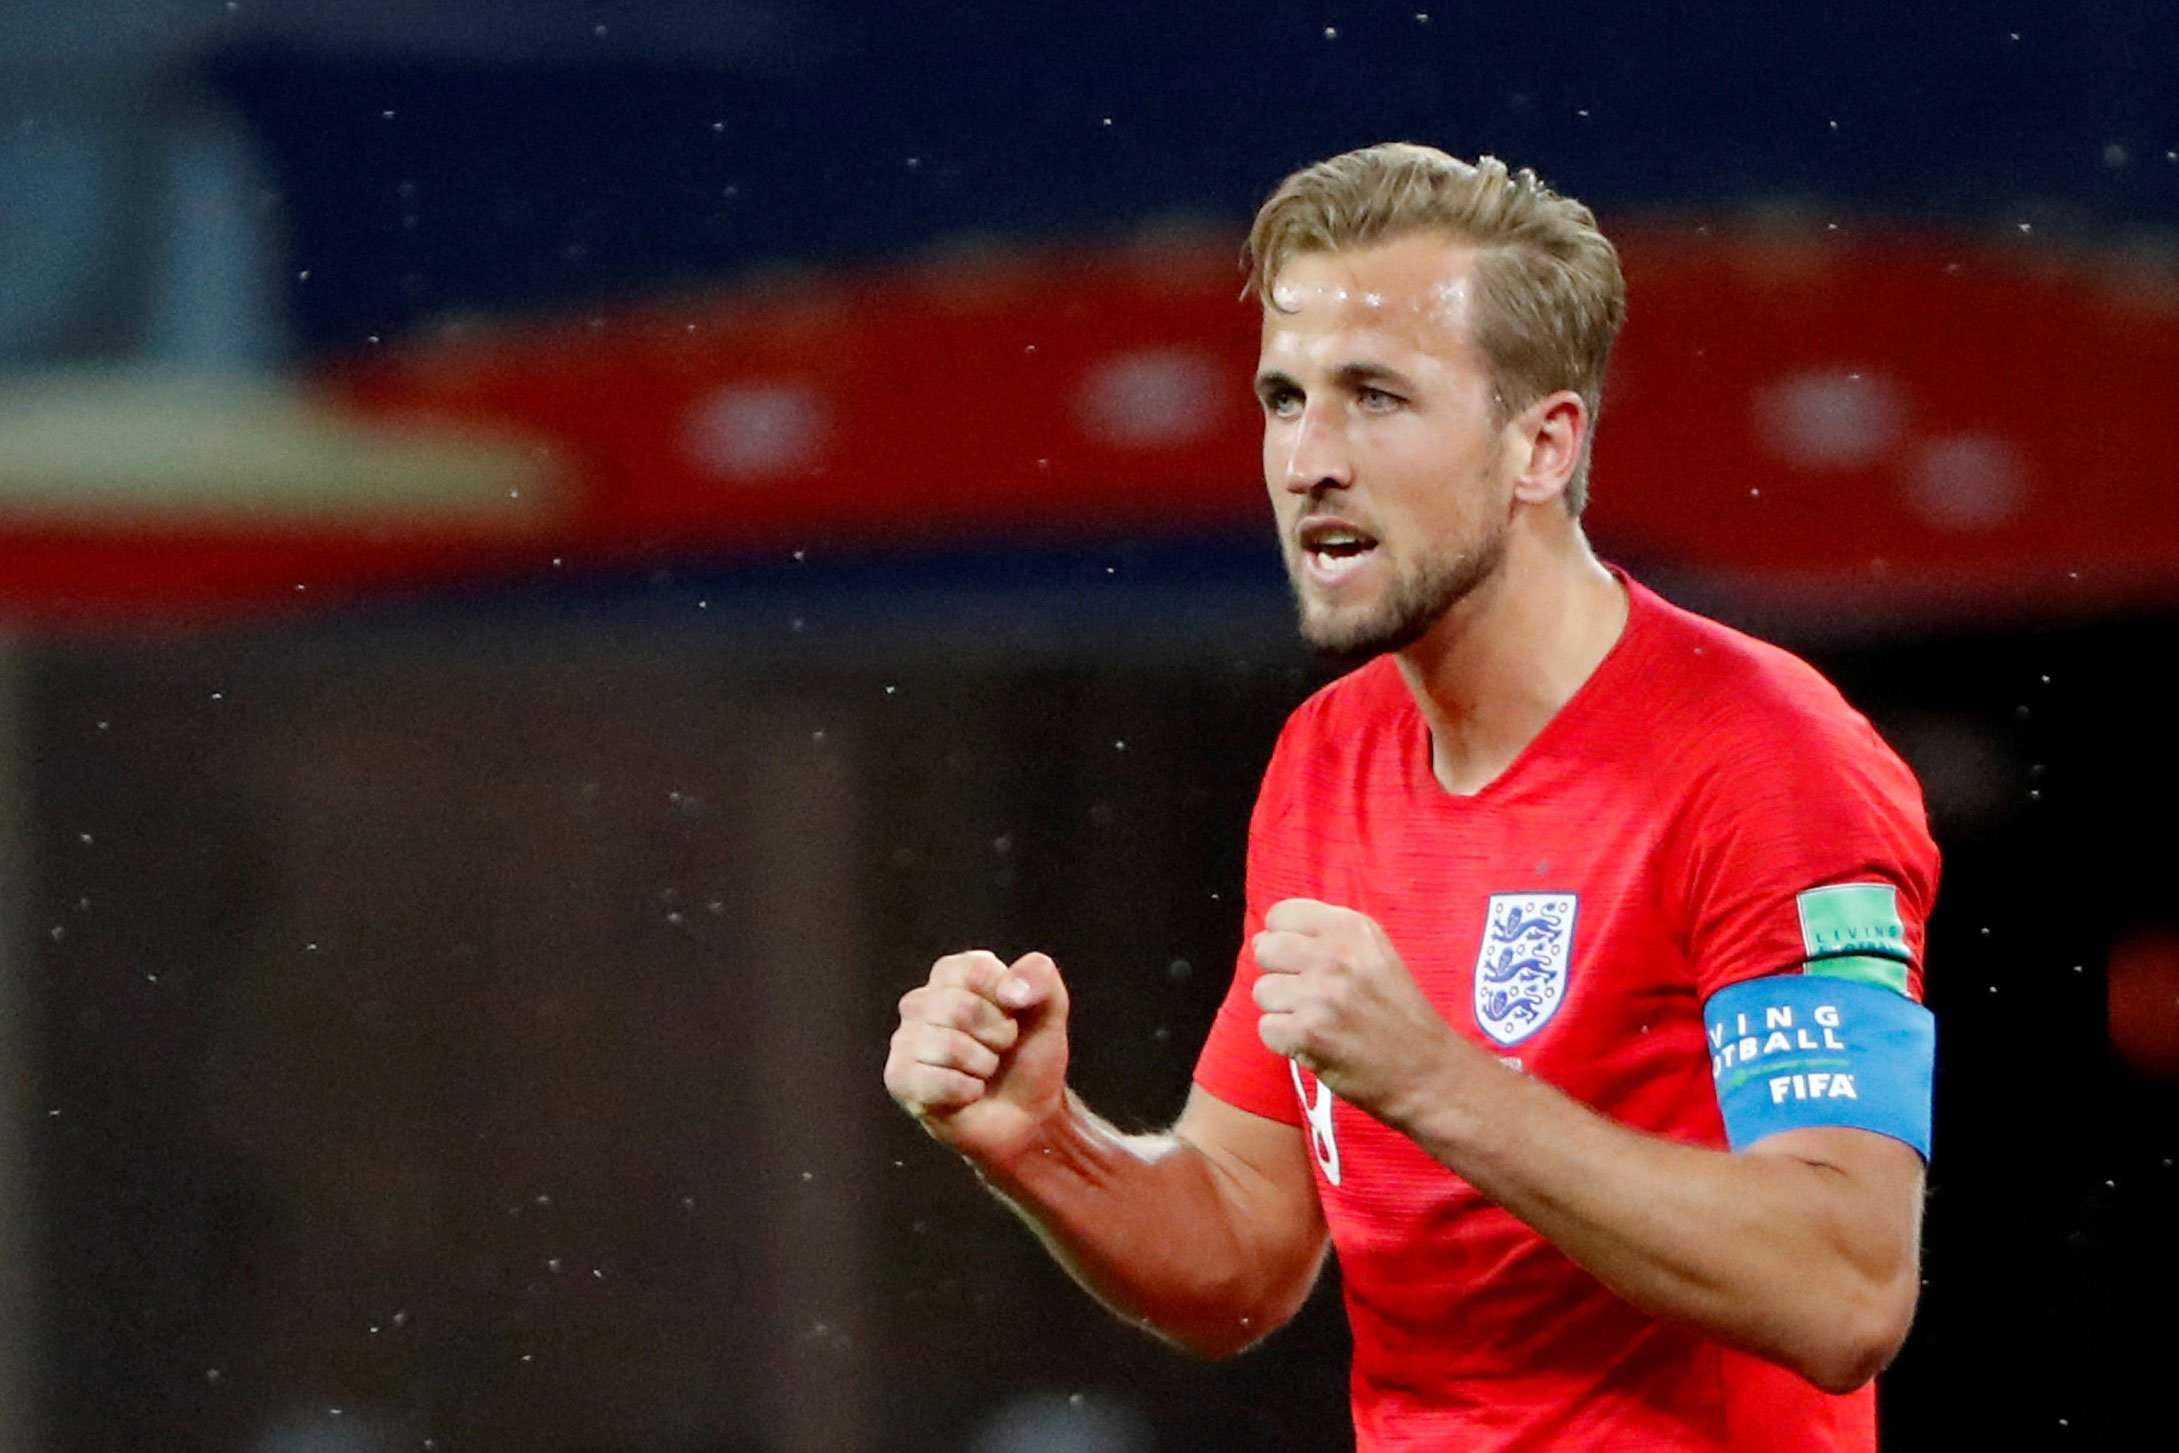 O britânico Harry Kane comemora após o jogo da Inglaterra contra a Tunísia na Copa do Mundo 2018